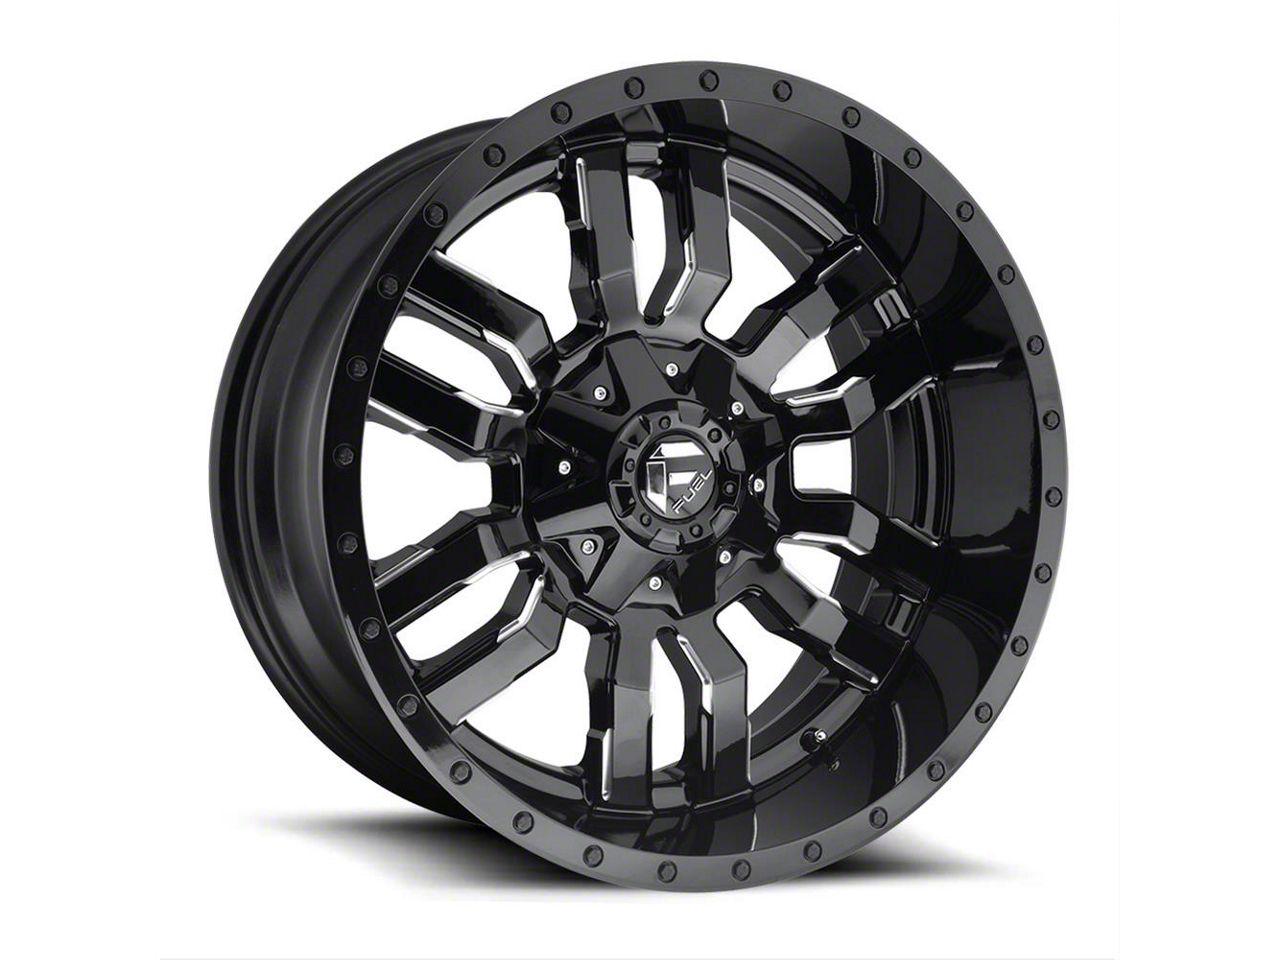 fuel wheels ram sledge matte black 5 lug wheel 20x9 r106877 02 18 07 Dodge Ram Diesel fuel wheels sledge matte black 5 lug wheel 20x9 02 18 ram